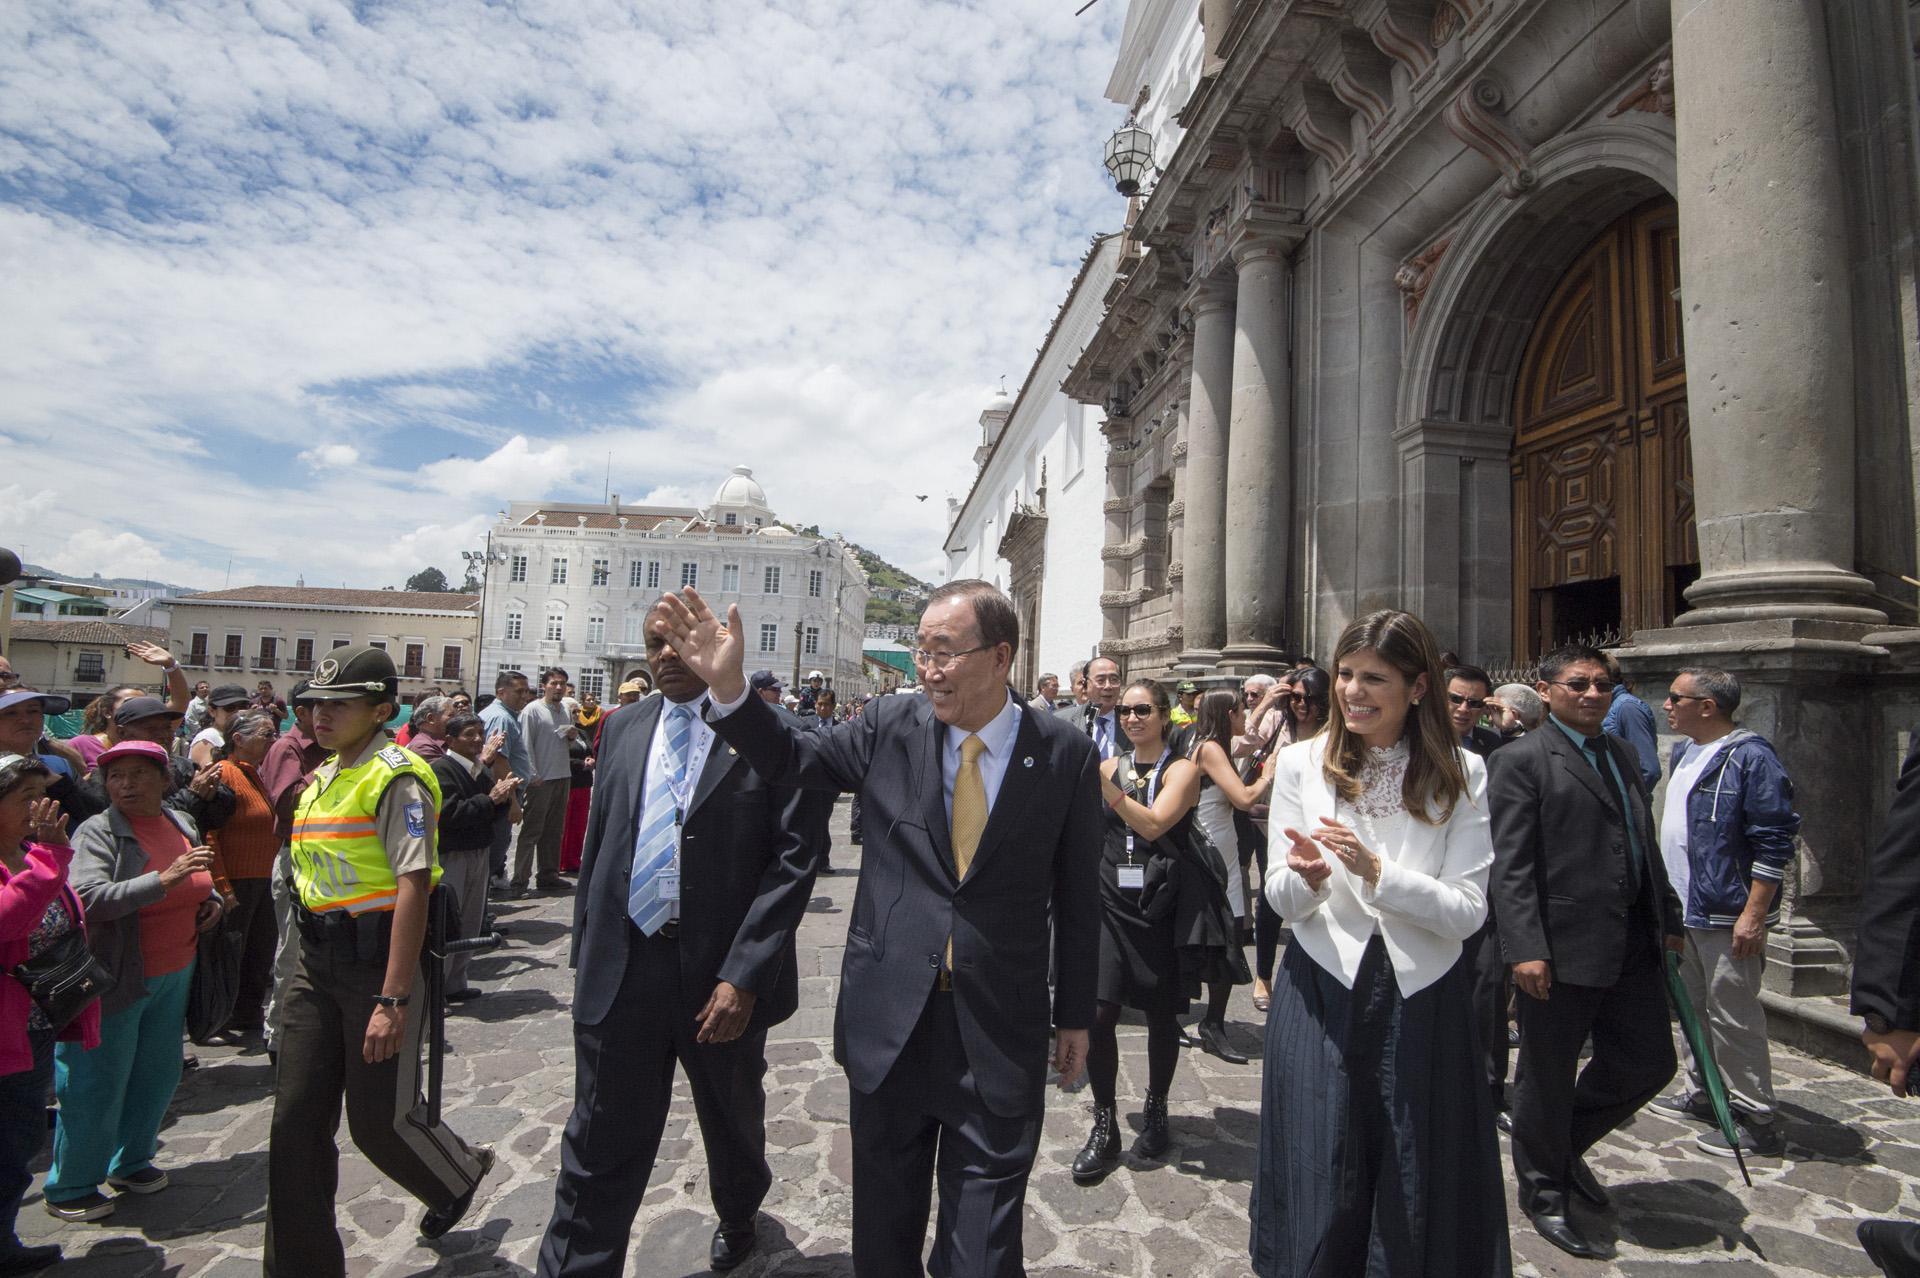 Il Segretario Generale Ban Ki-moon (al centro) visita il centro storico di Quito, in Ecuador, durante il suo viaggio per partecipare all'apertura della Conference on Housing and Sustainable Urban Development (Habitat III) il 17 Ottobre.